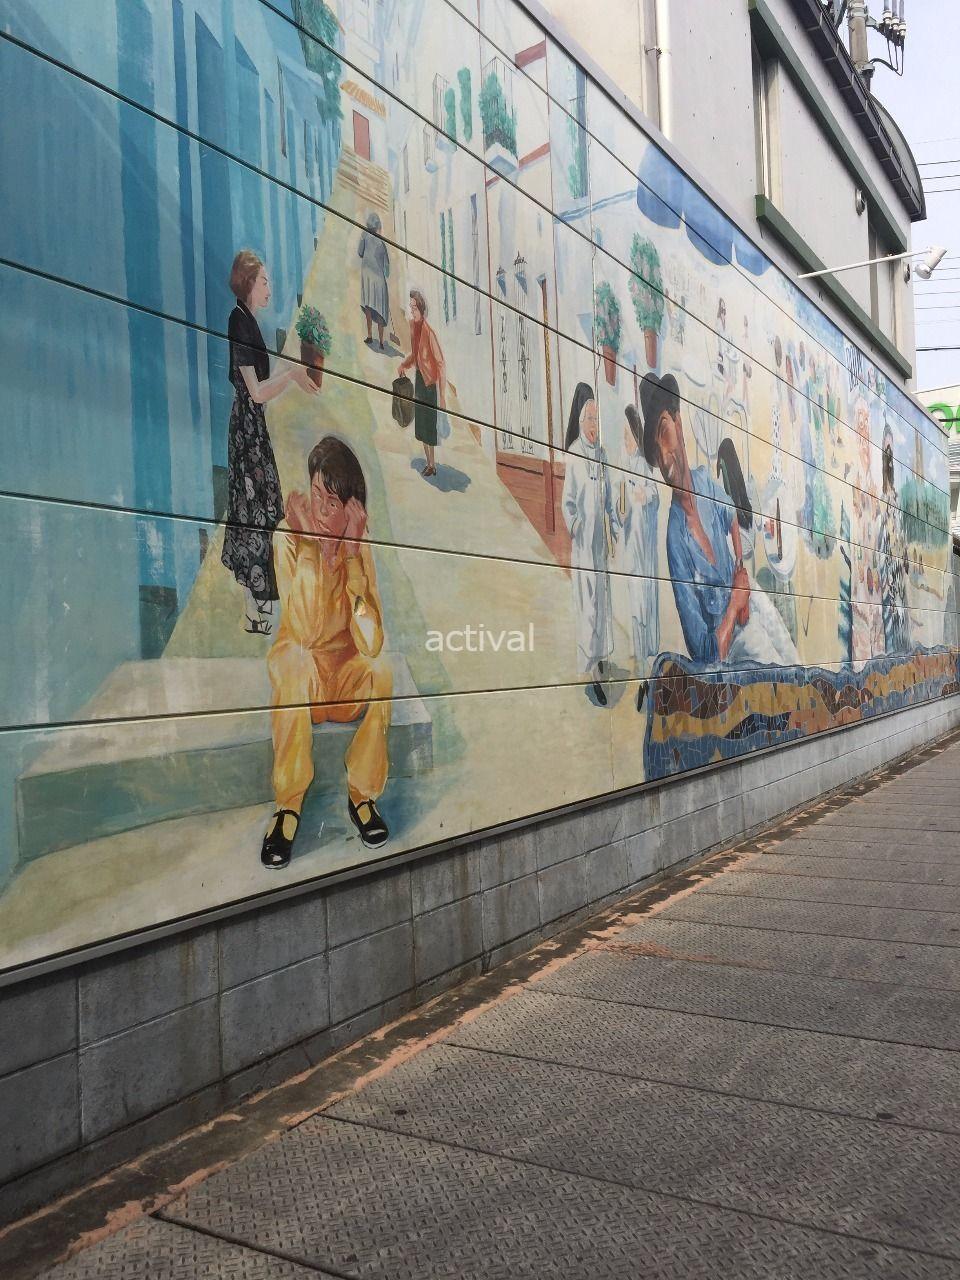 ア・ス・ヴェルデビル|越谷|アクティバル|スカイツリーライン